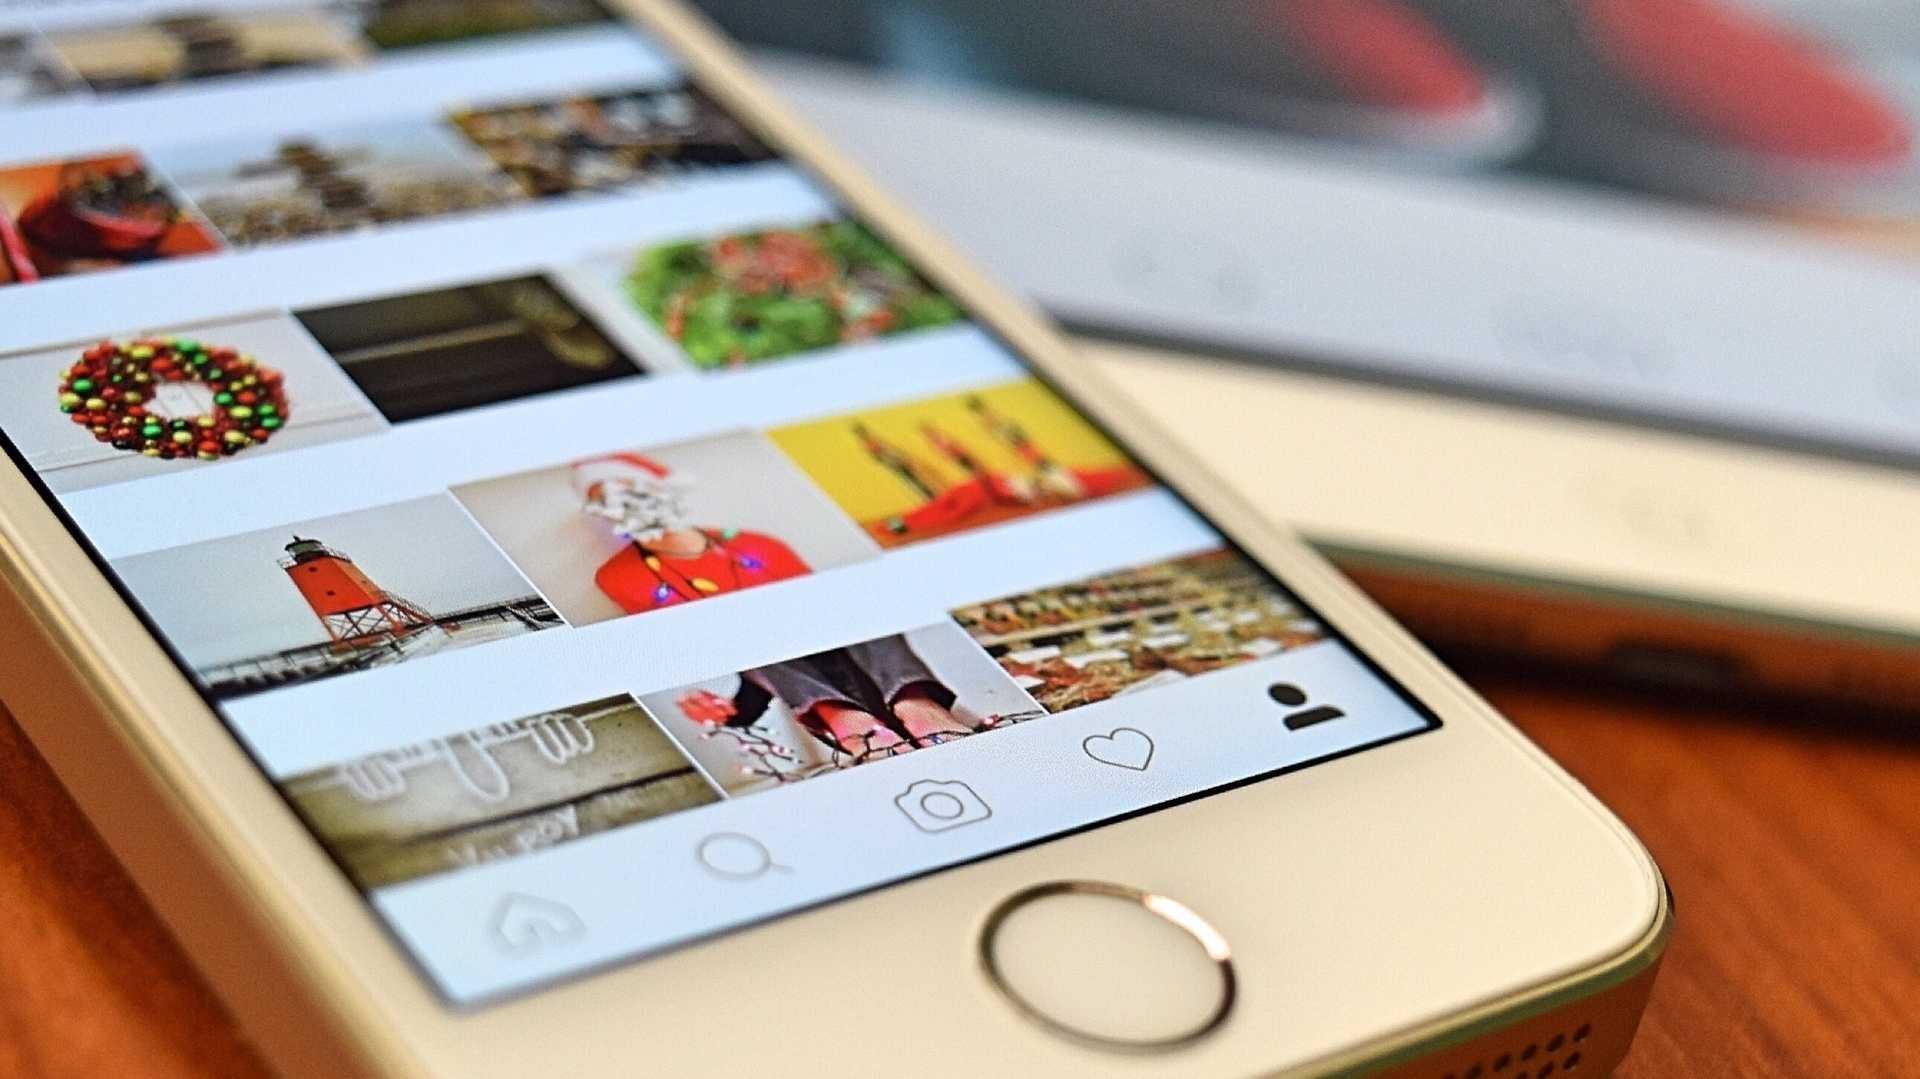 Instagram verbessert 2-Faktor-Authentifizierung